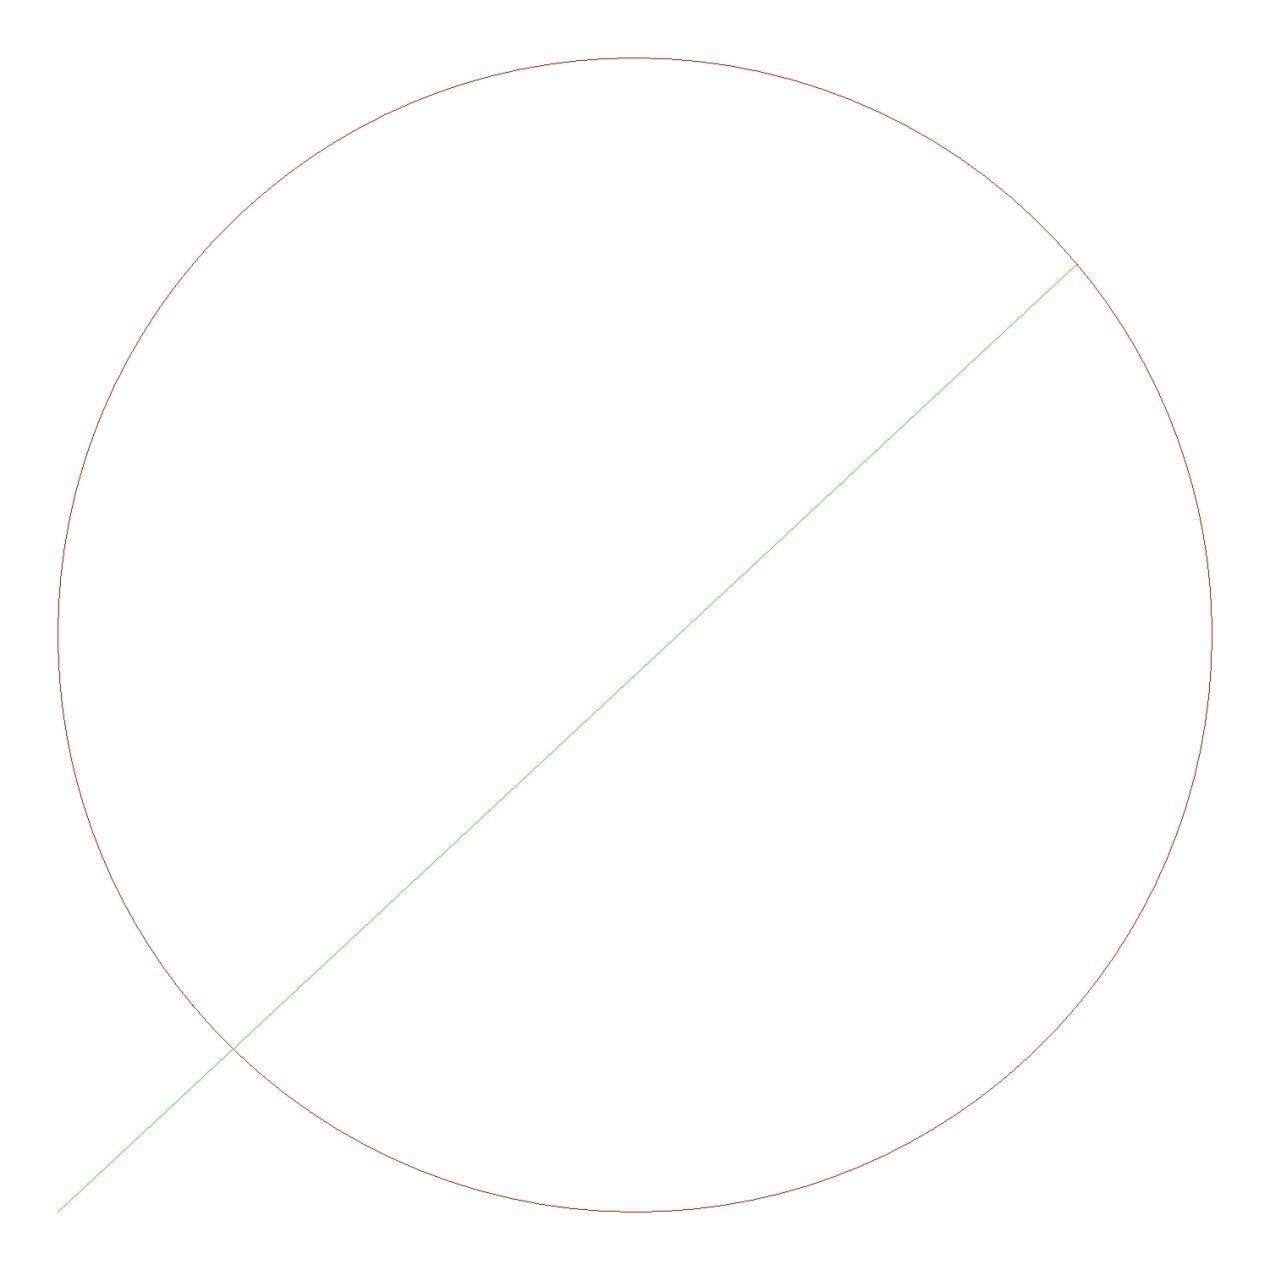 https://gn-api-res.s3.amazonaws.com/d2b68a35573f5c7e3d1c2875ffea348b9ab6053b76cb0d0163986d76b2e9508a/circle.jpg